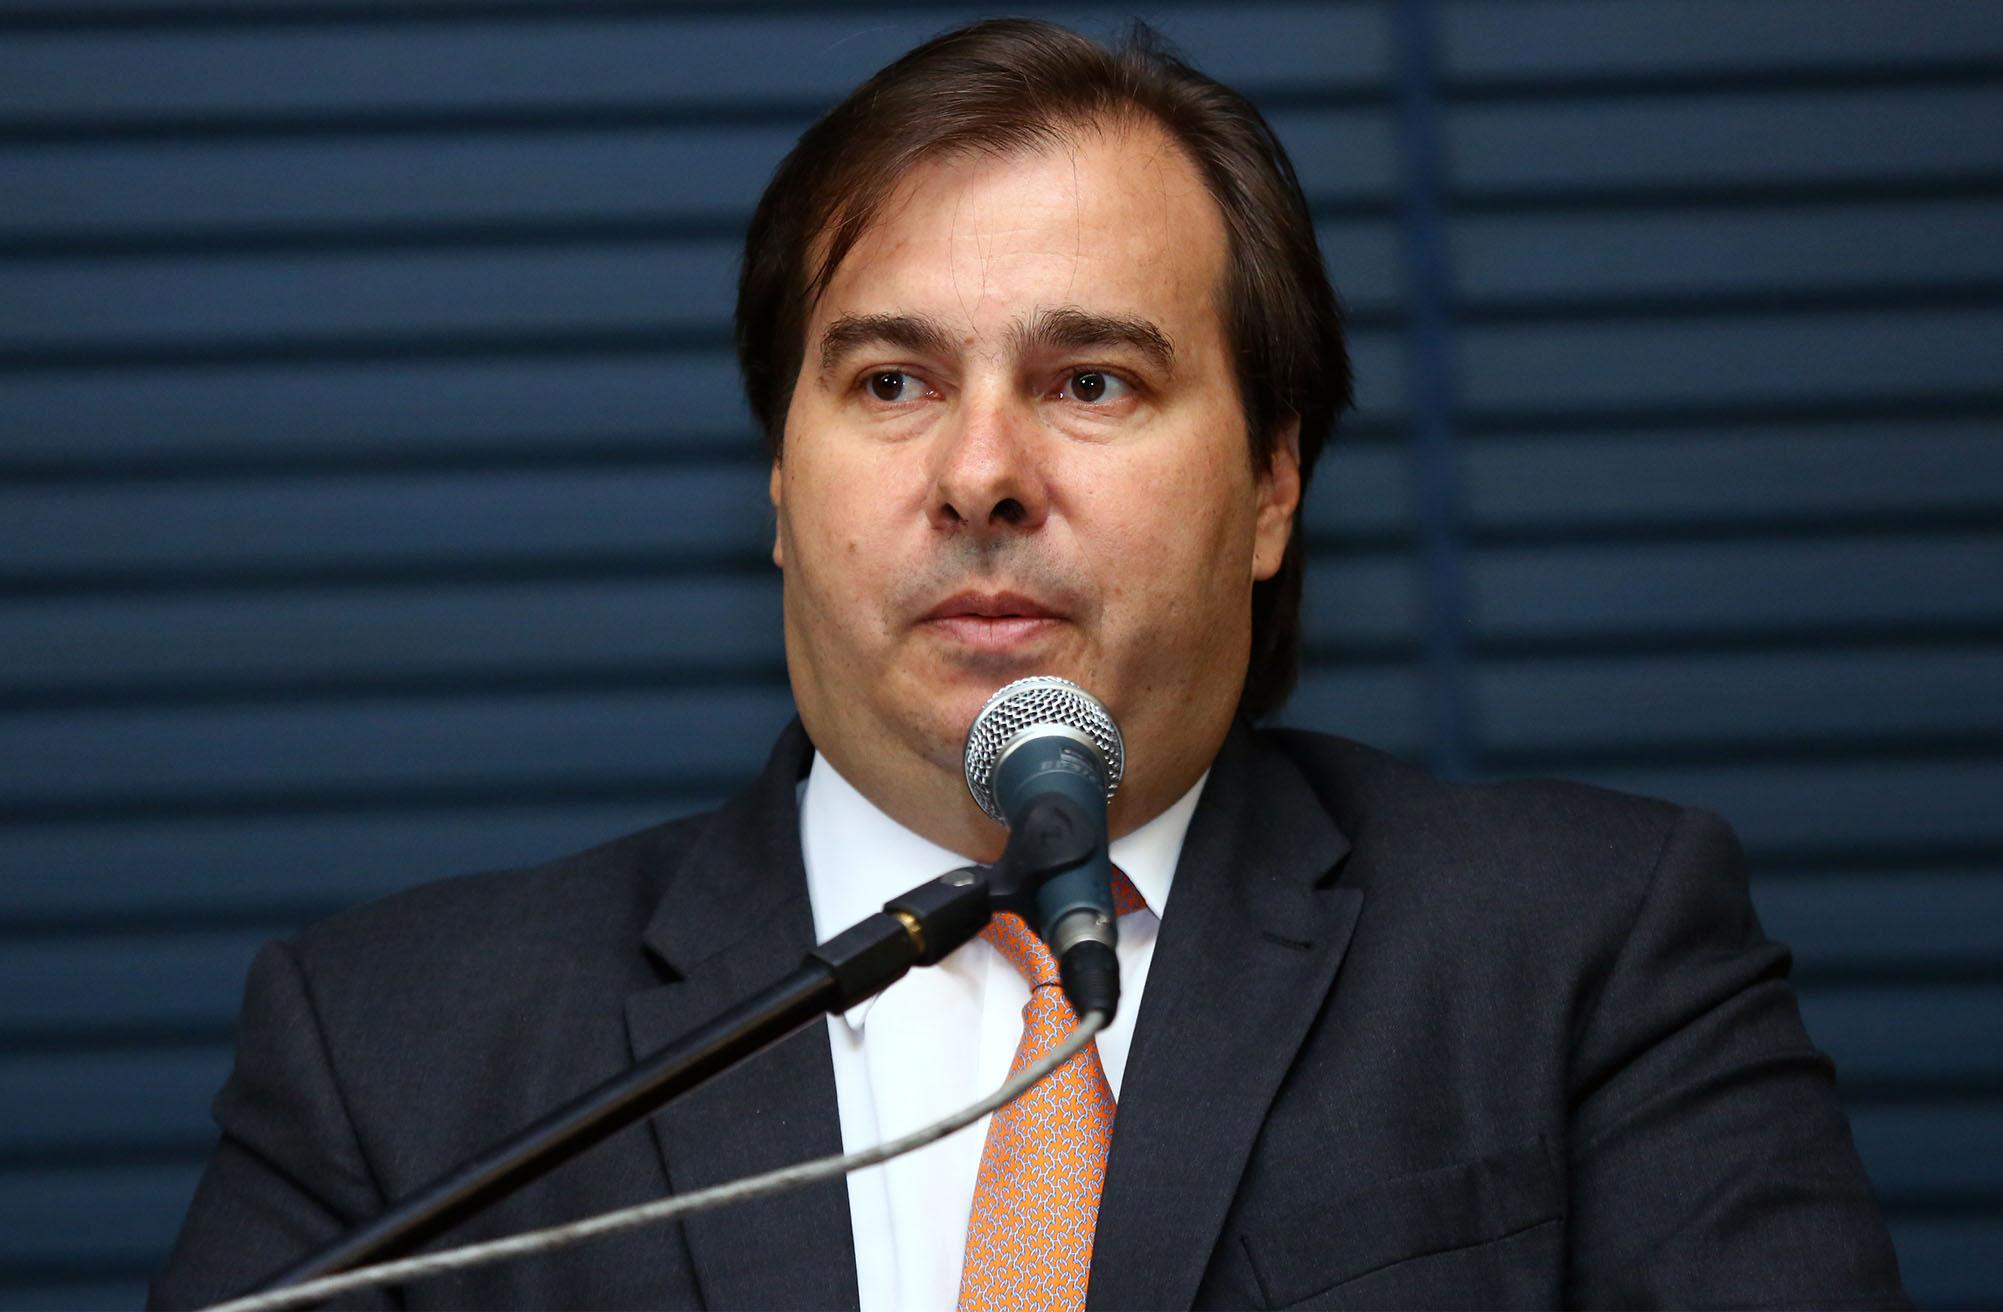 Lançamento - Coleção João Camilo de Oliveira Torres. Presidente da Câmara, dep. Rodrigo Maia (DEM-RJ)